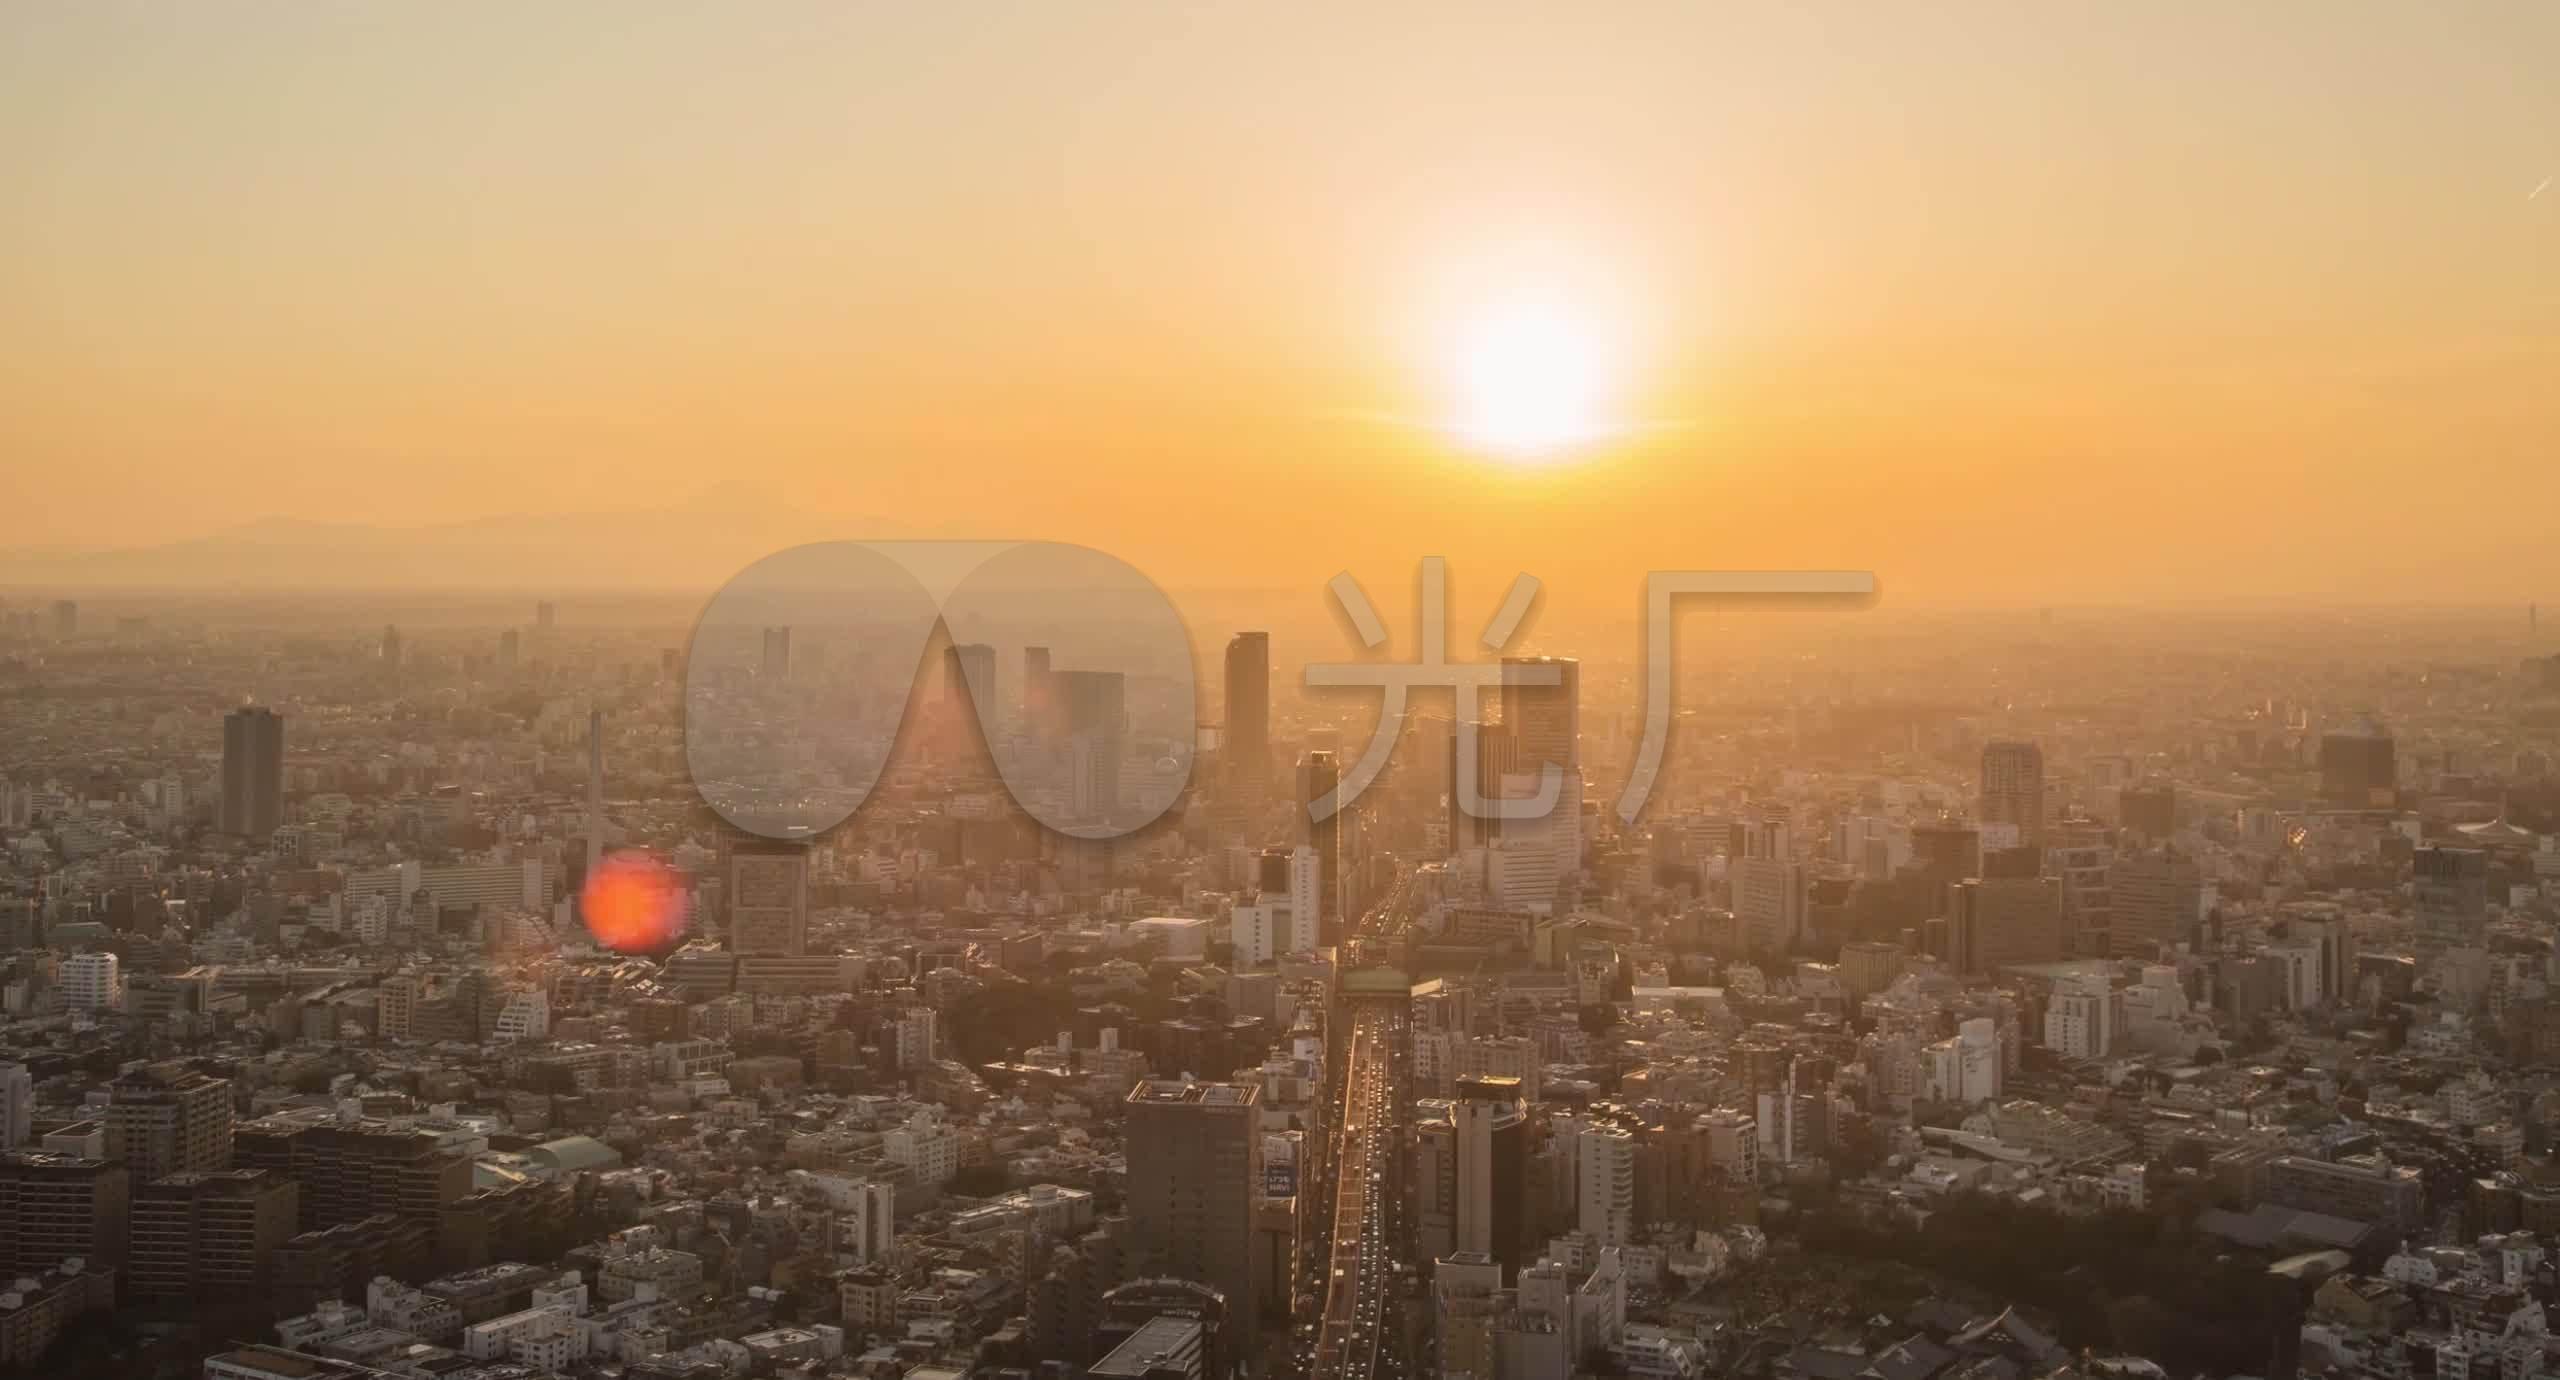 日本东京宣传片_航拍日本东京城市日出延时宣传片